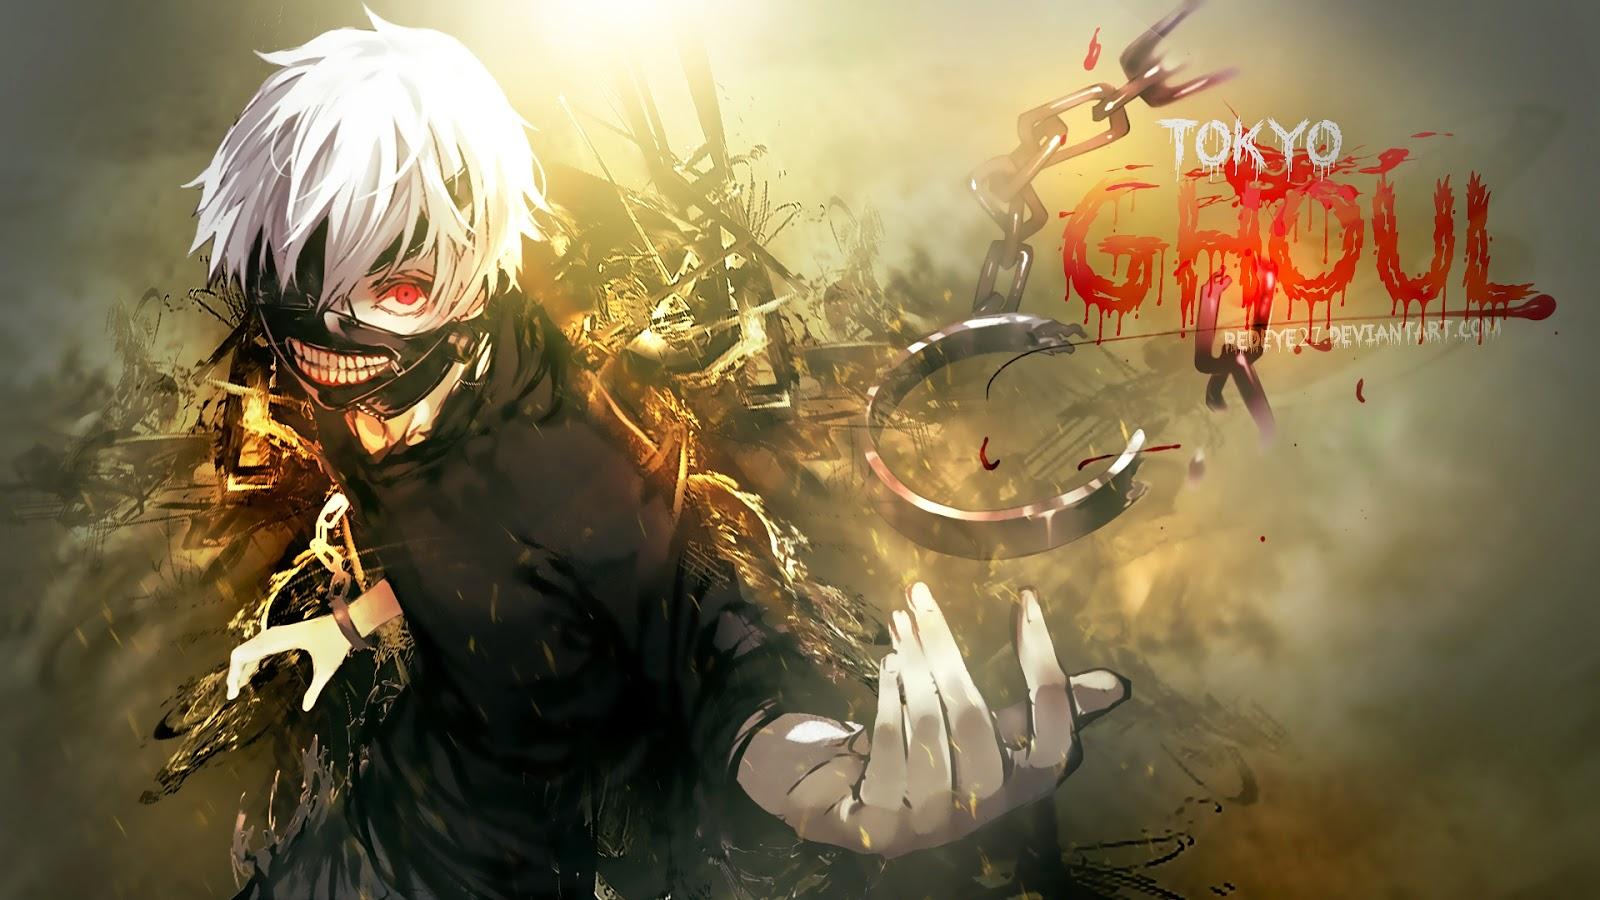 Tokyo ghoul anime series tv lar bab blog - Tokyo anime wallpaper ...